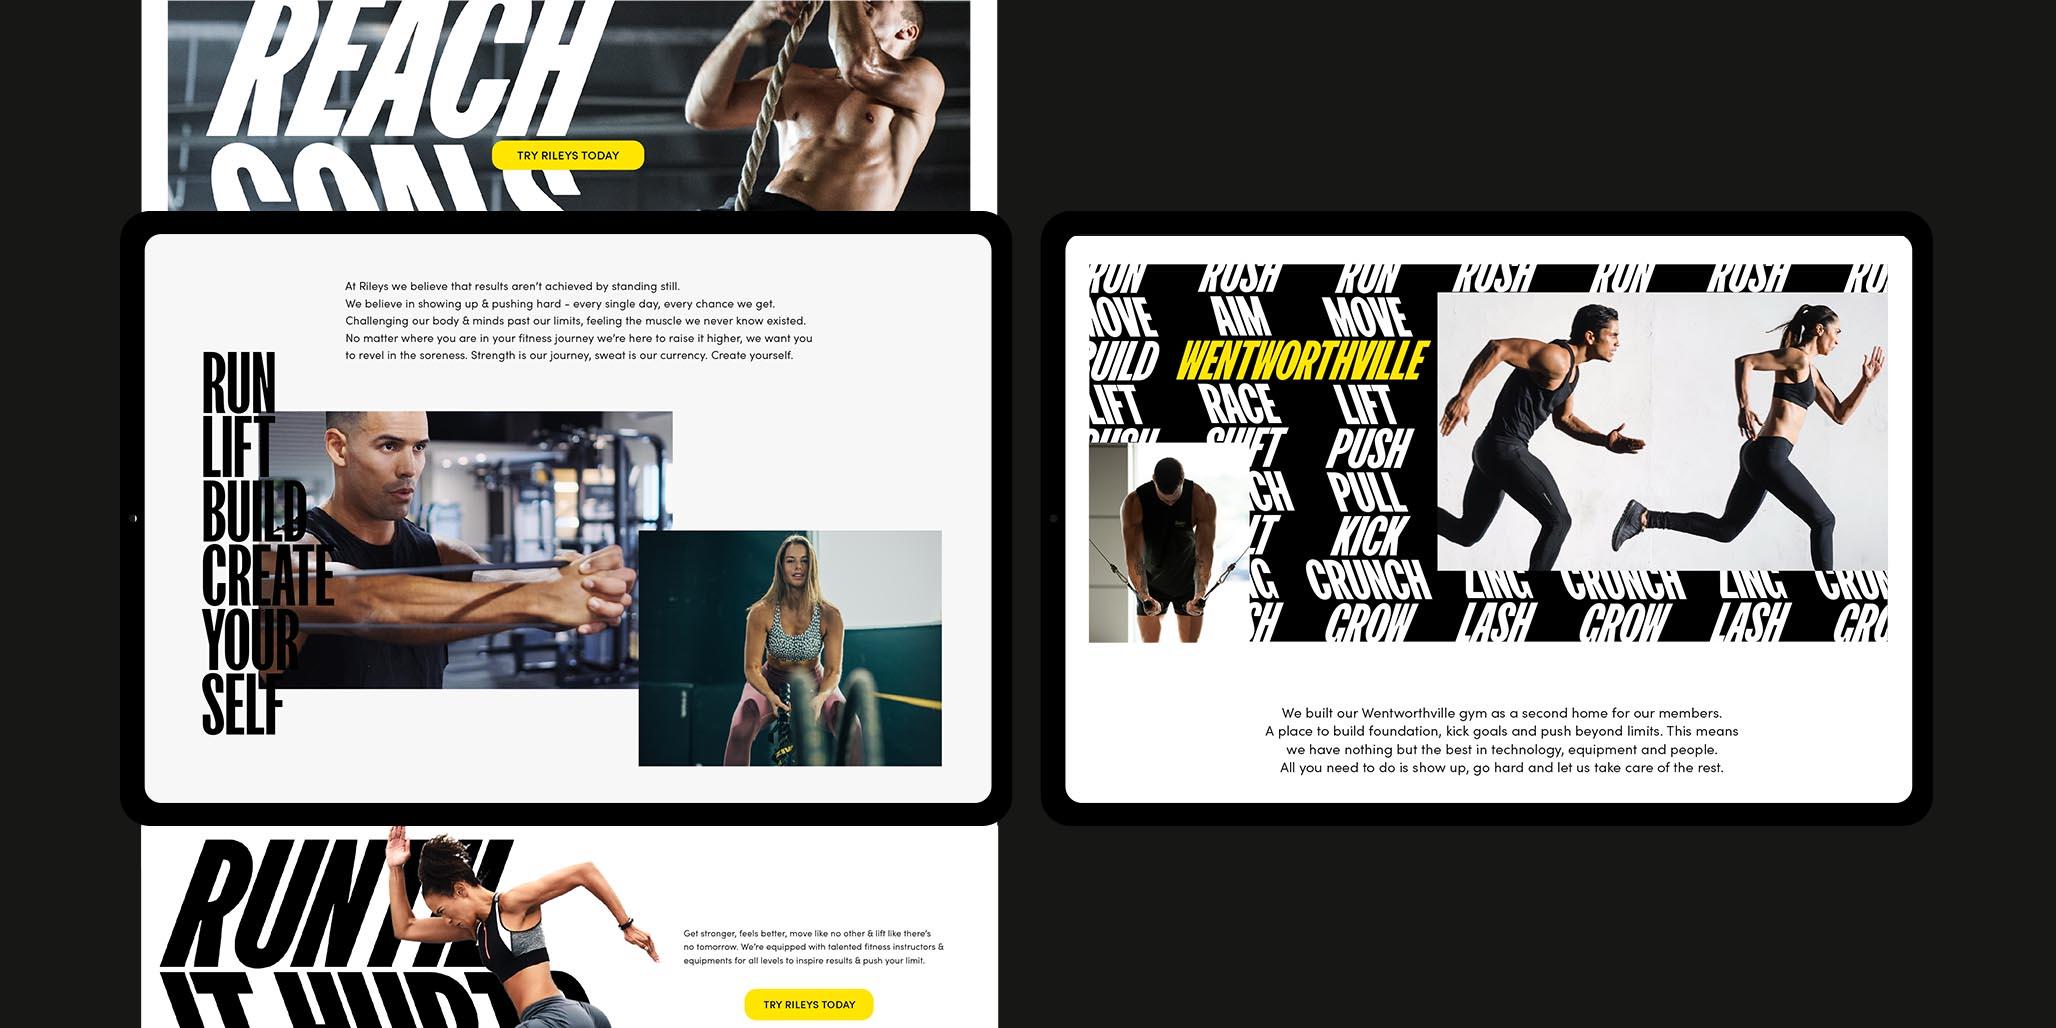 Brand identity design for Rileys Gym by Australian branding agency, Percept, image I